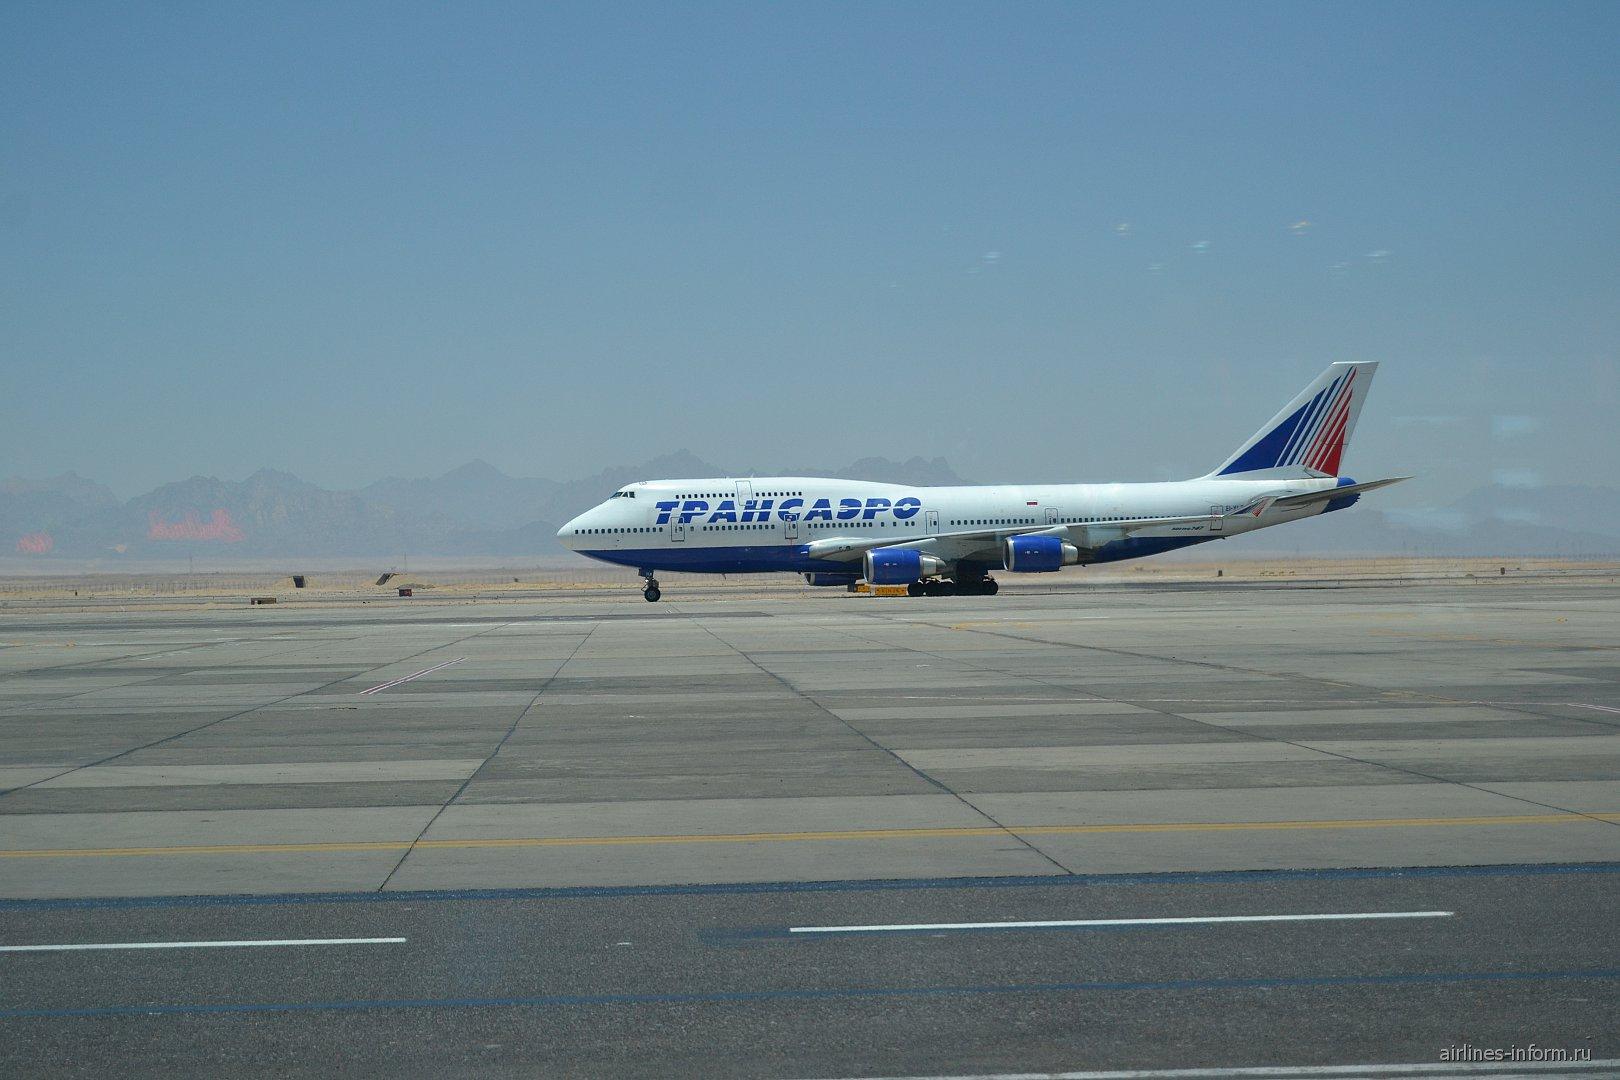 Боинг-747 Трансаэро в аэропорту Хургада